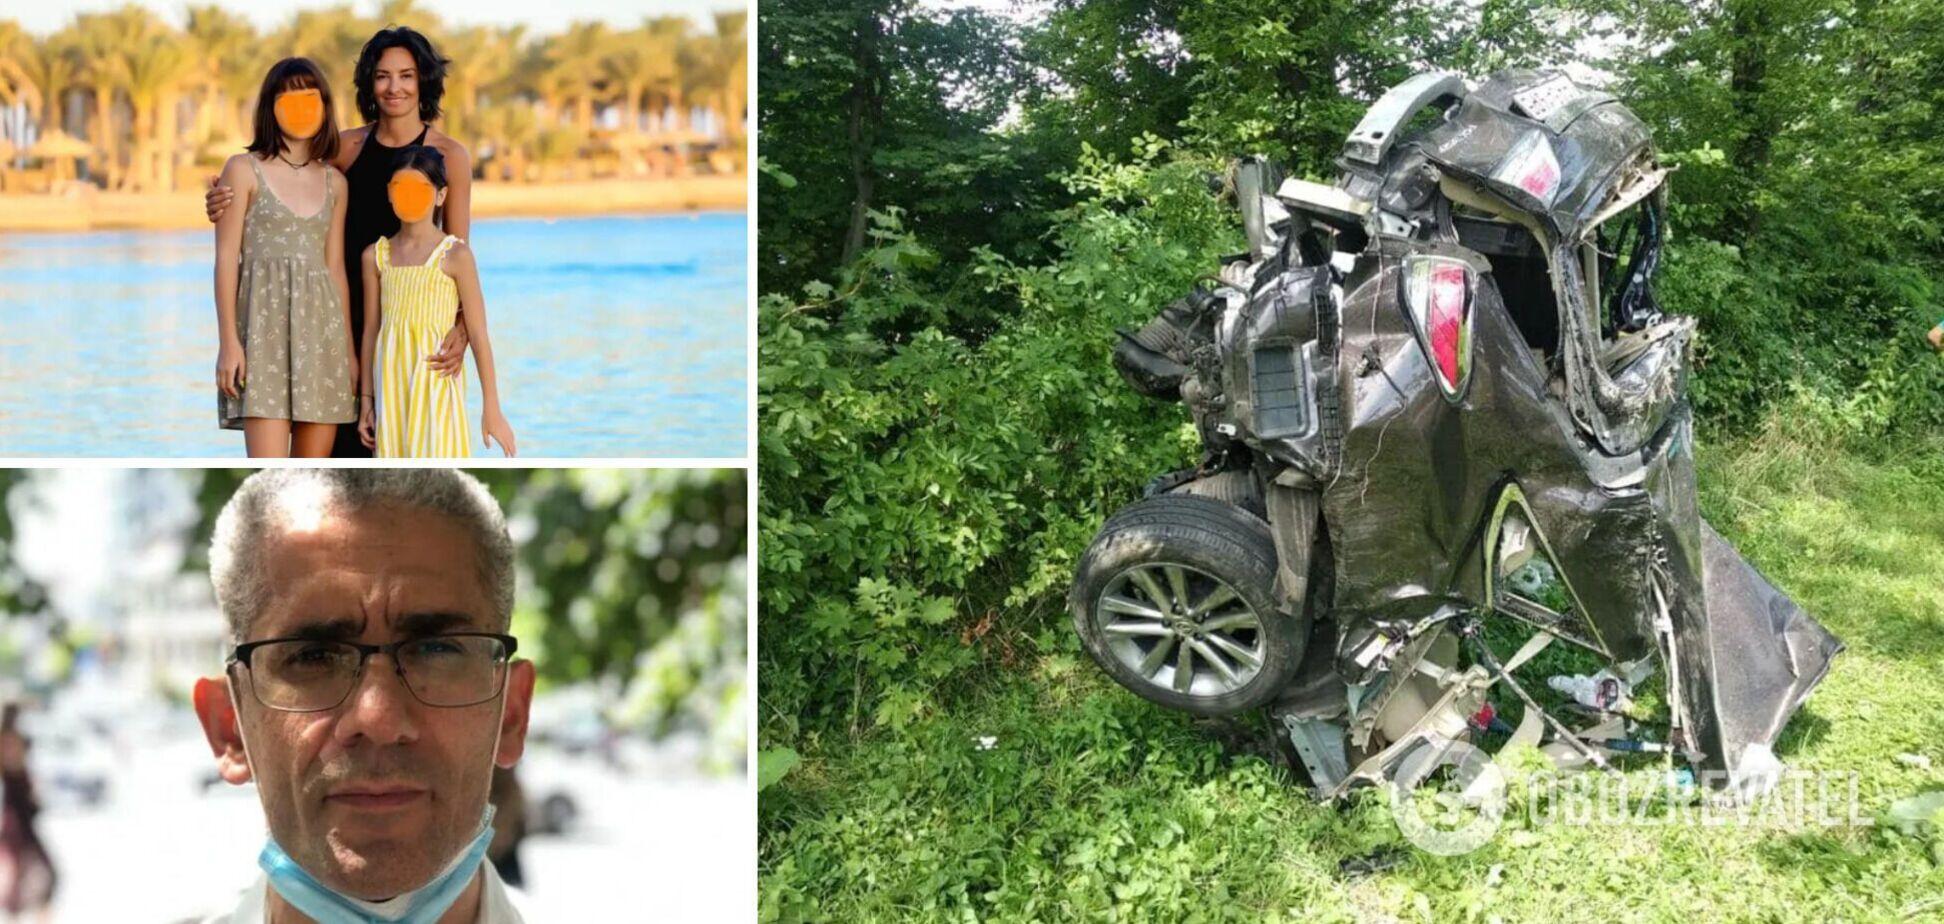 Українка, яка втратила двох дочок у ДТП, просить покарати водія-француза, який утік: подробиці